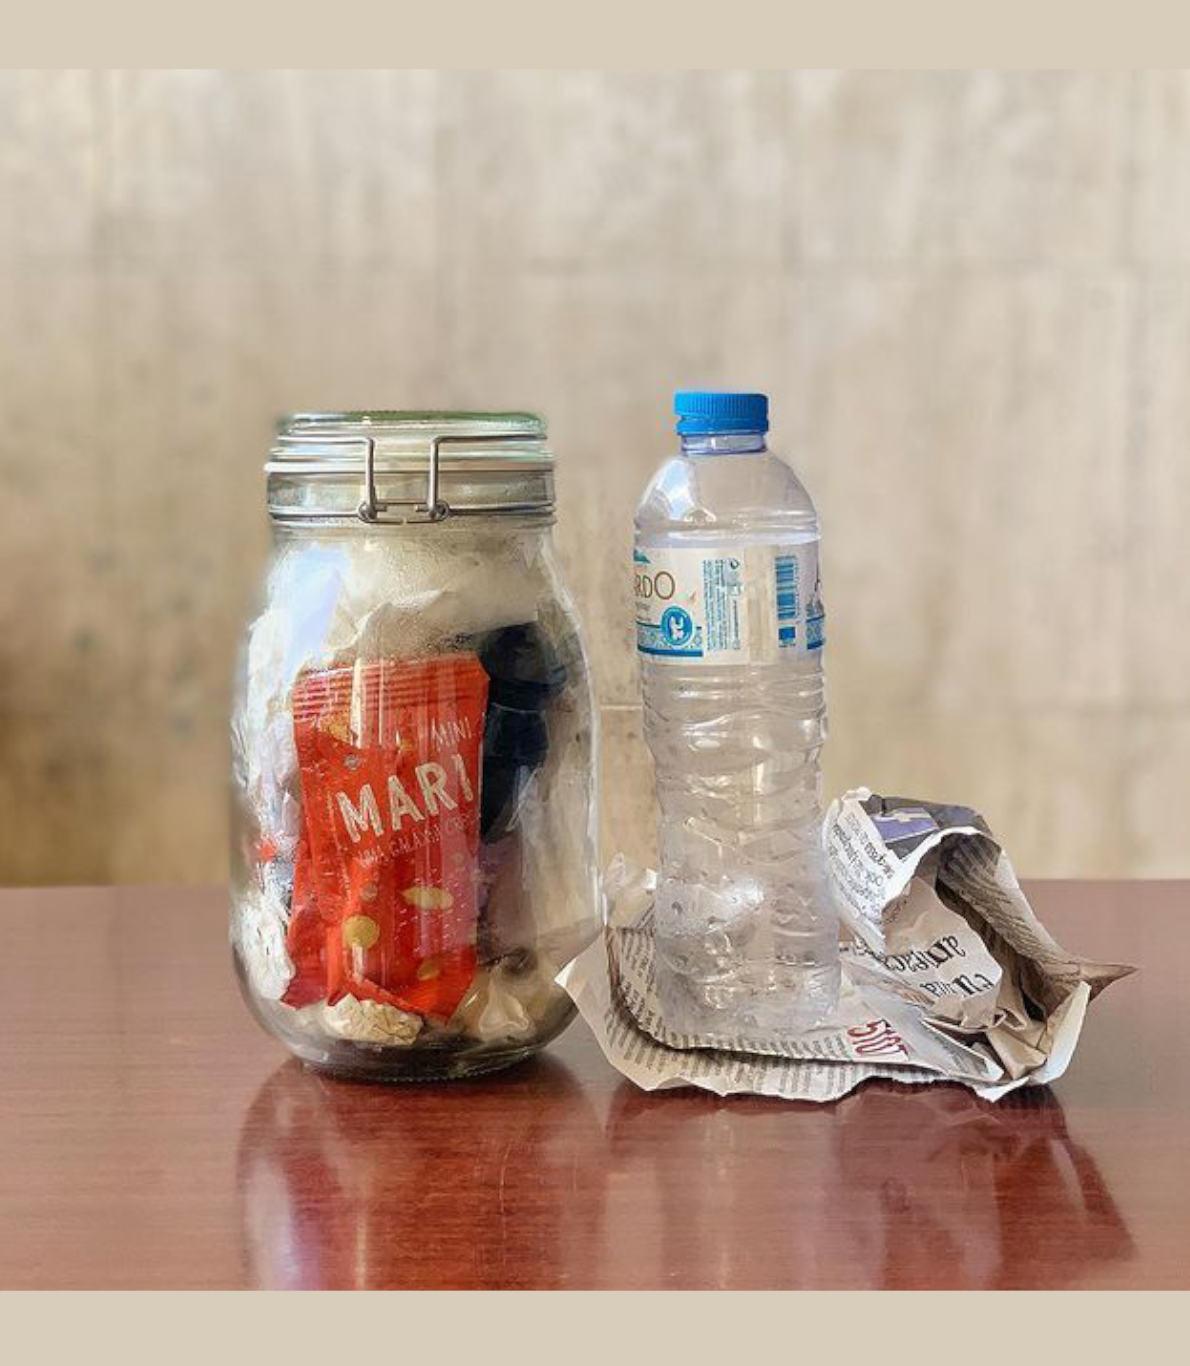 Frasco com resíduos de lixo dos clientes lá dentro. Garrafa de plástico vazia em cima de um pedaço de jornal.